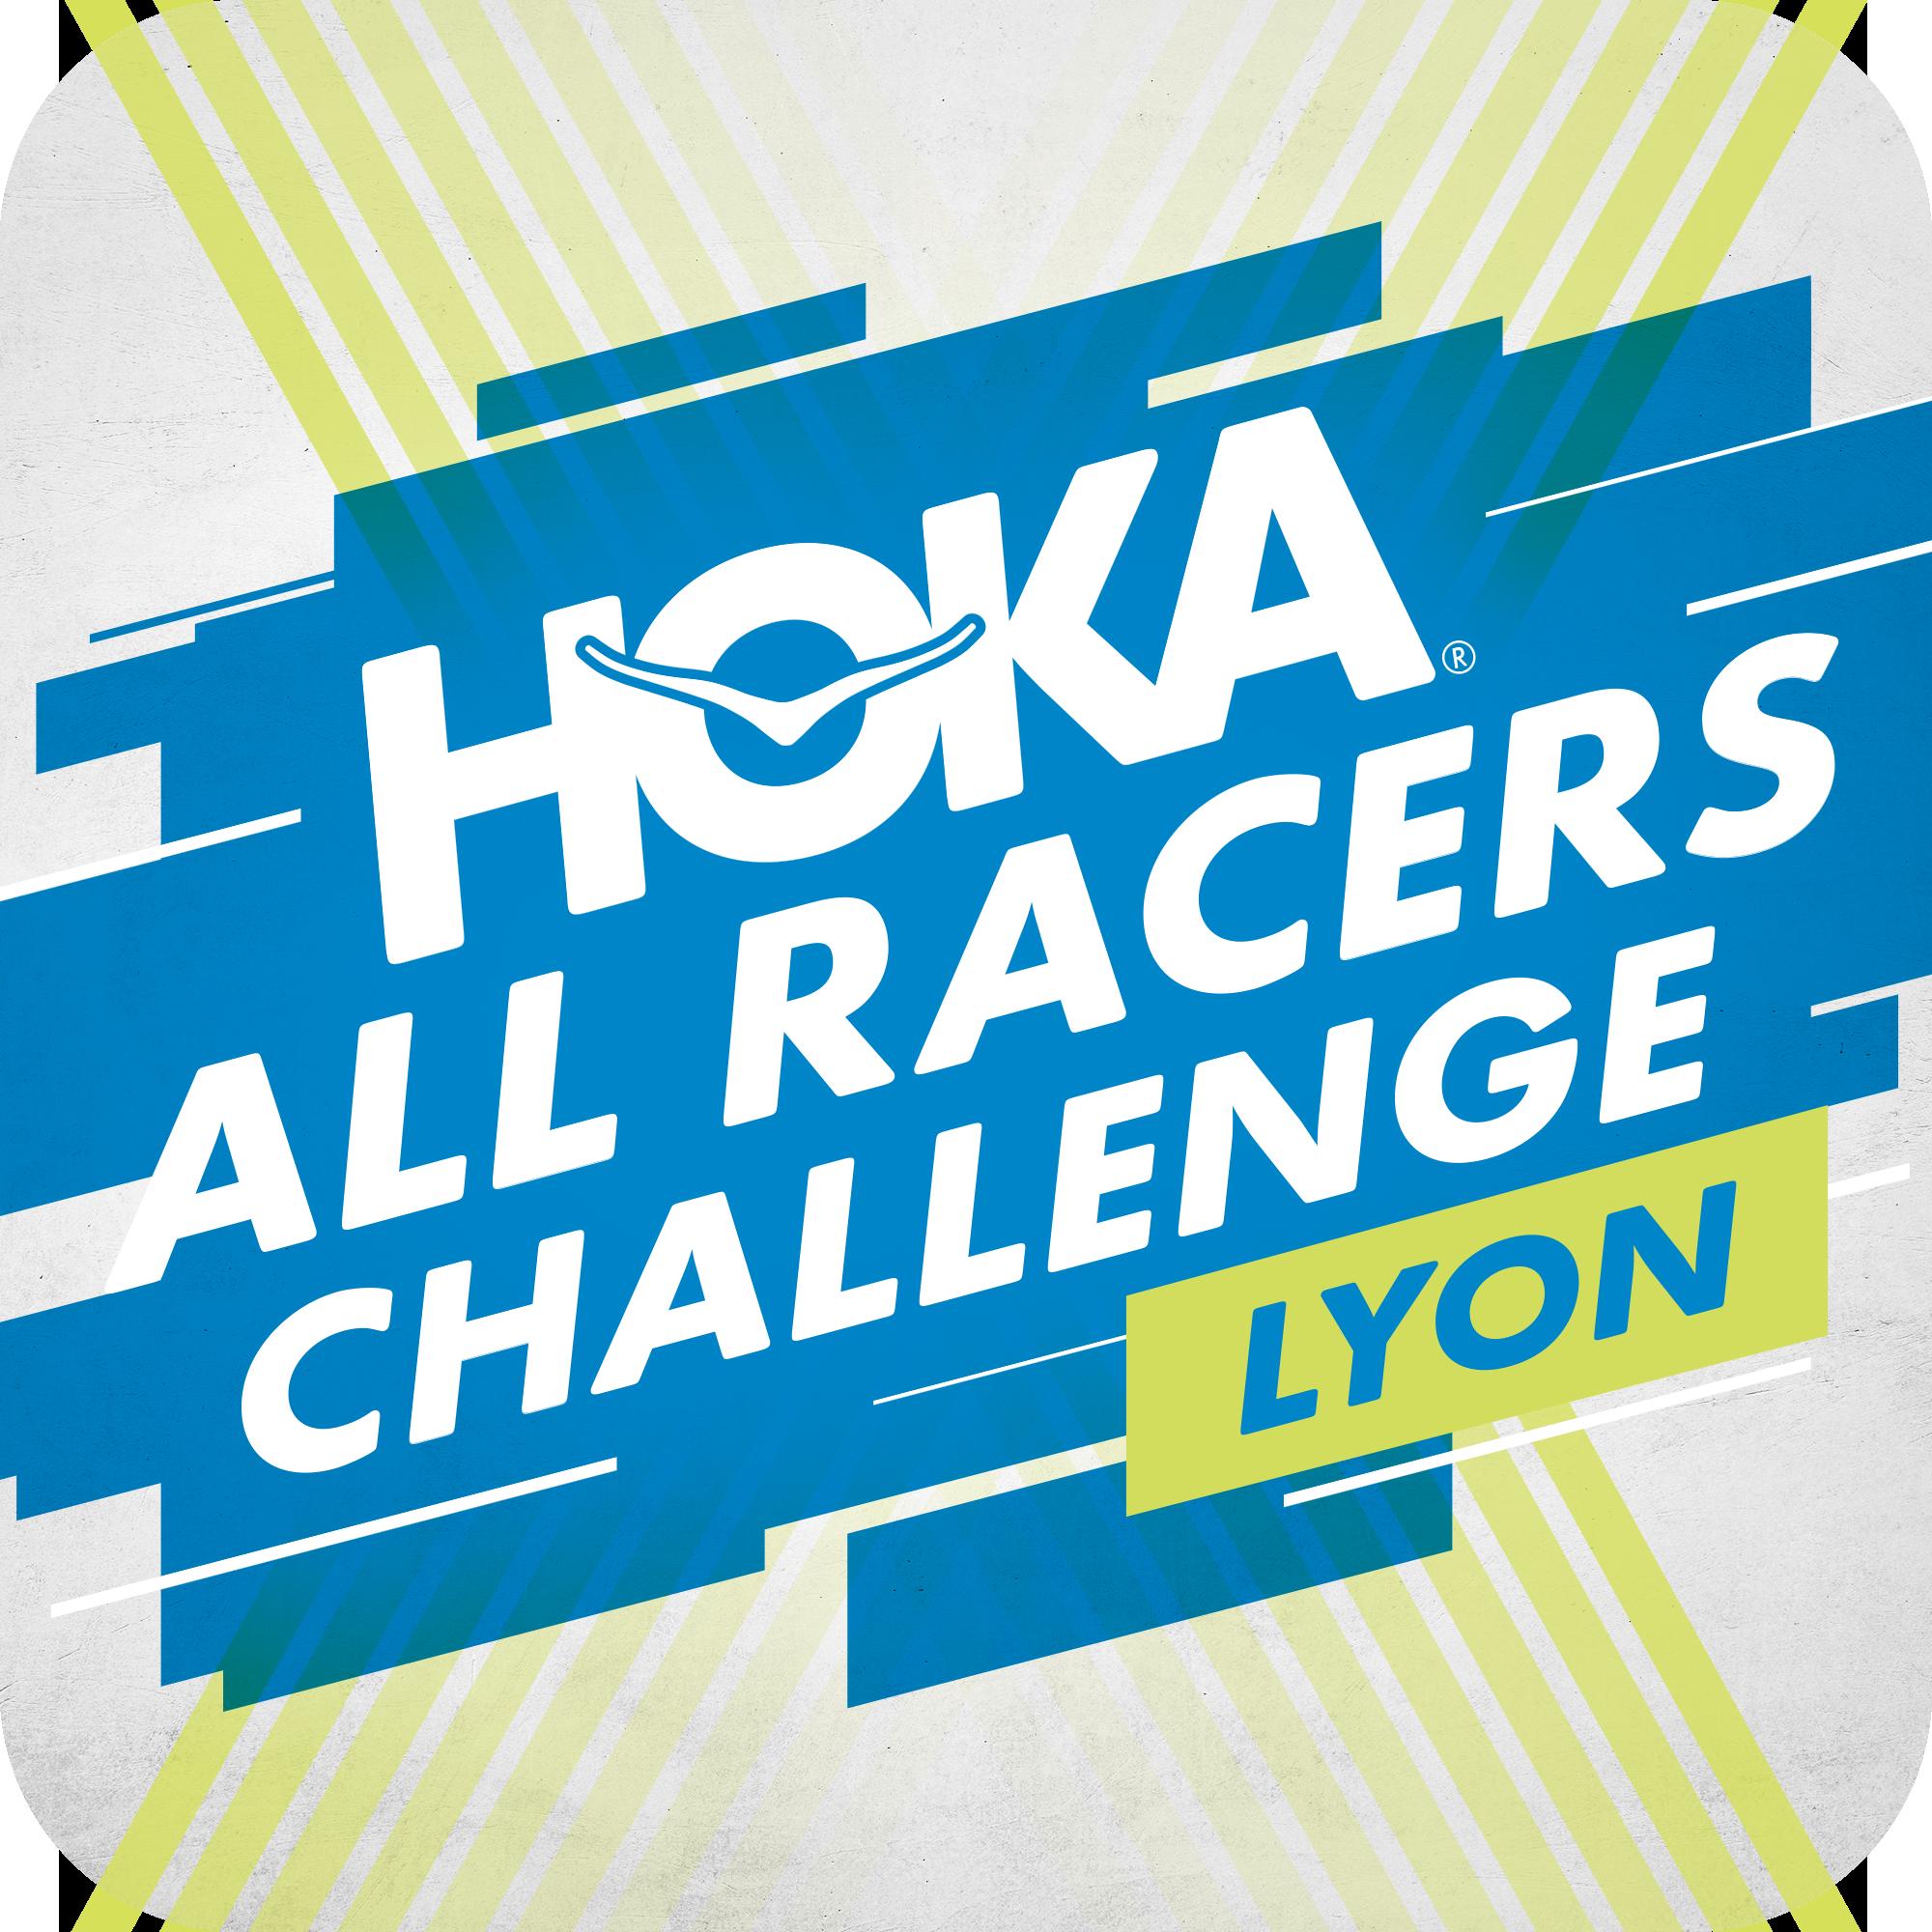 HOKA All Racers Challenge - Lyon